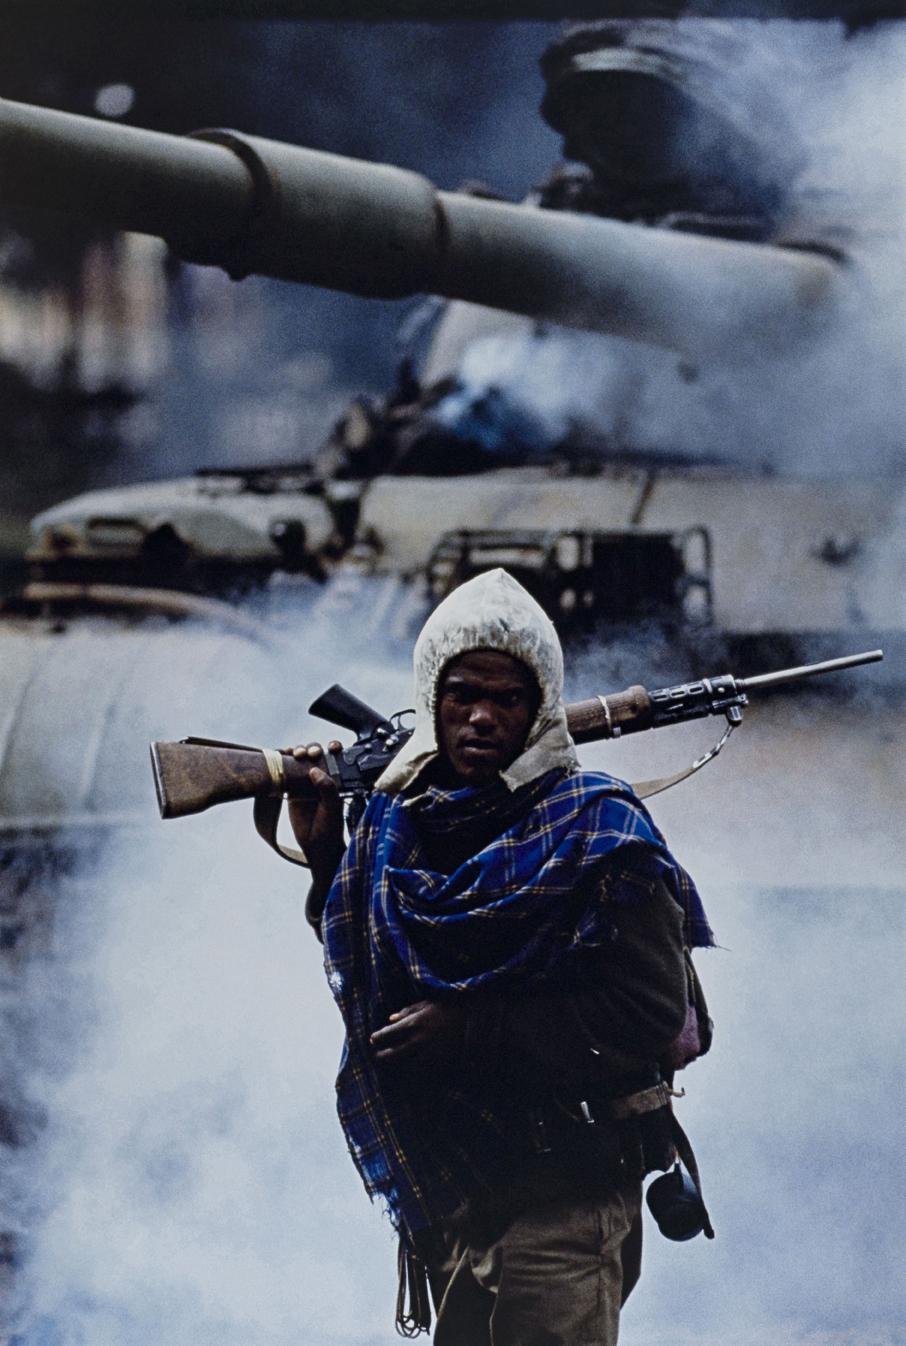 30 Μαΐου 1991. Ανατροπή του δικτατορικού καθεστώτος στην Αντίς Αμπέμπα από το Επαναστατικό Λαϊκό Δημοκρατικό Μέτωπο της Αιθιοπίας